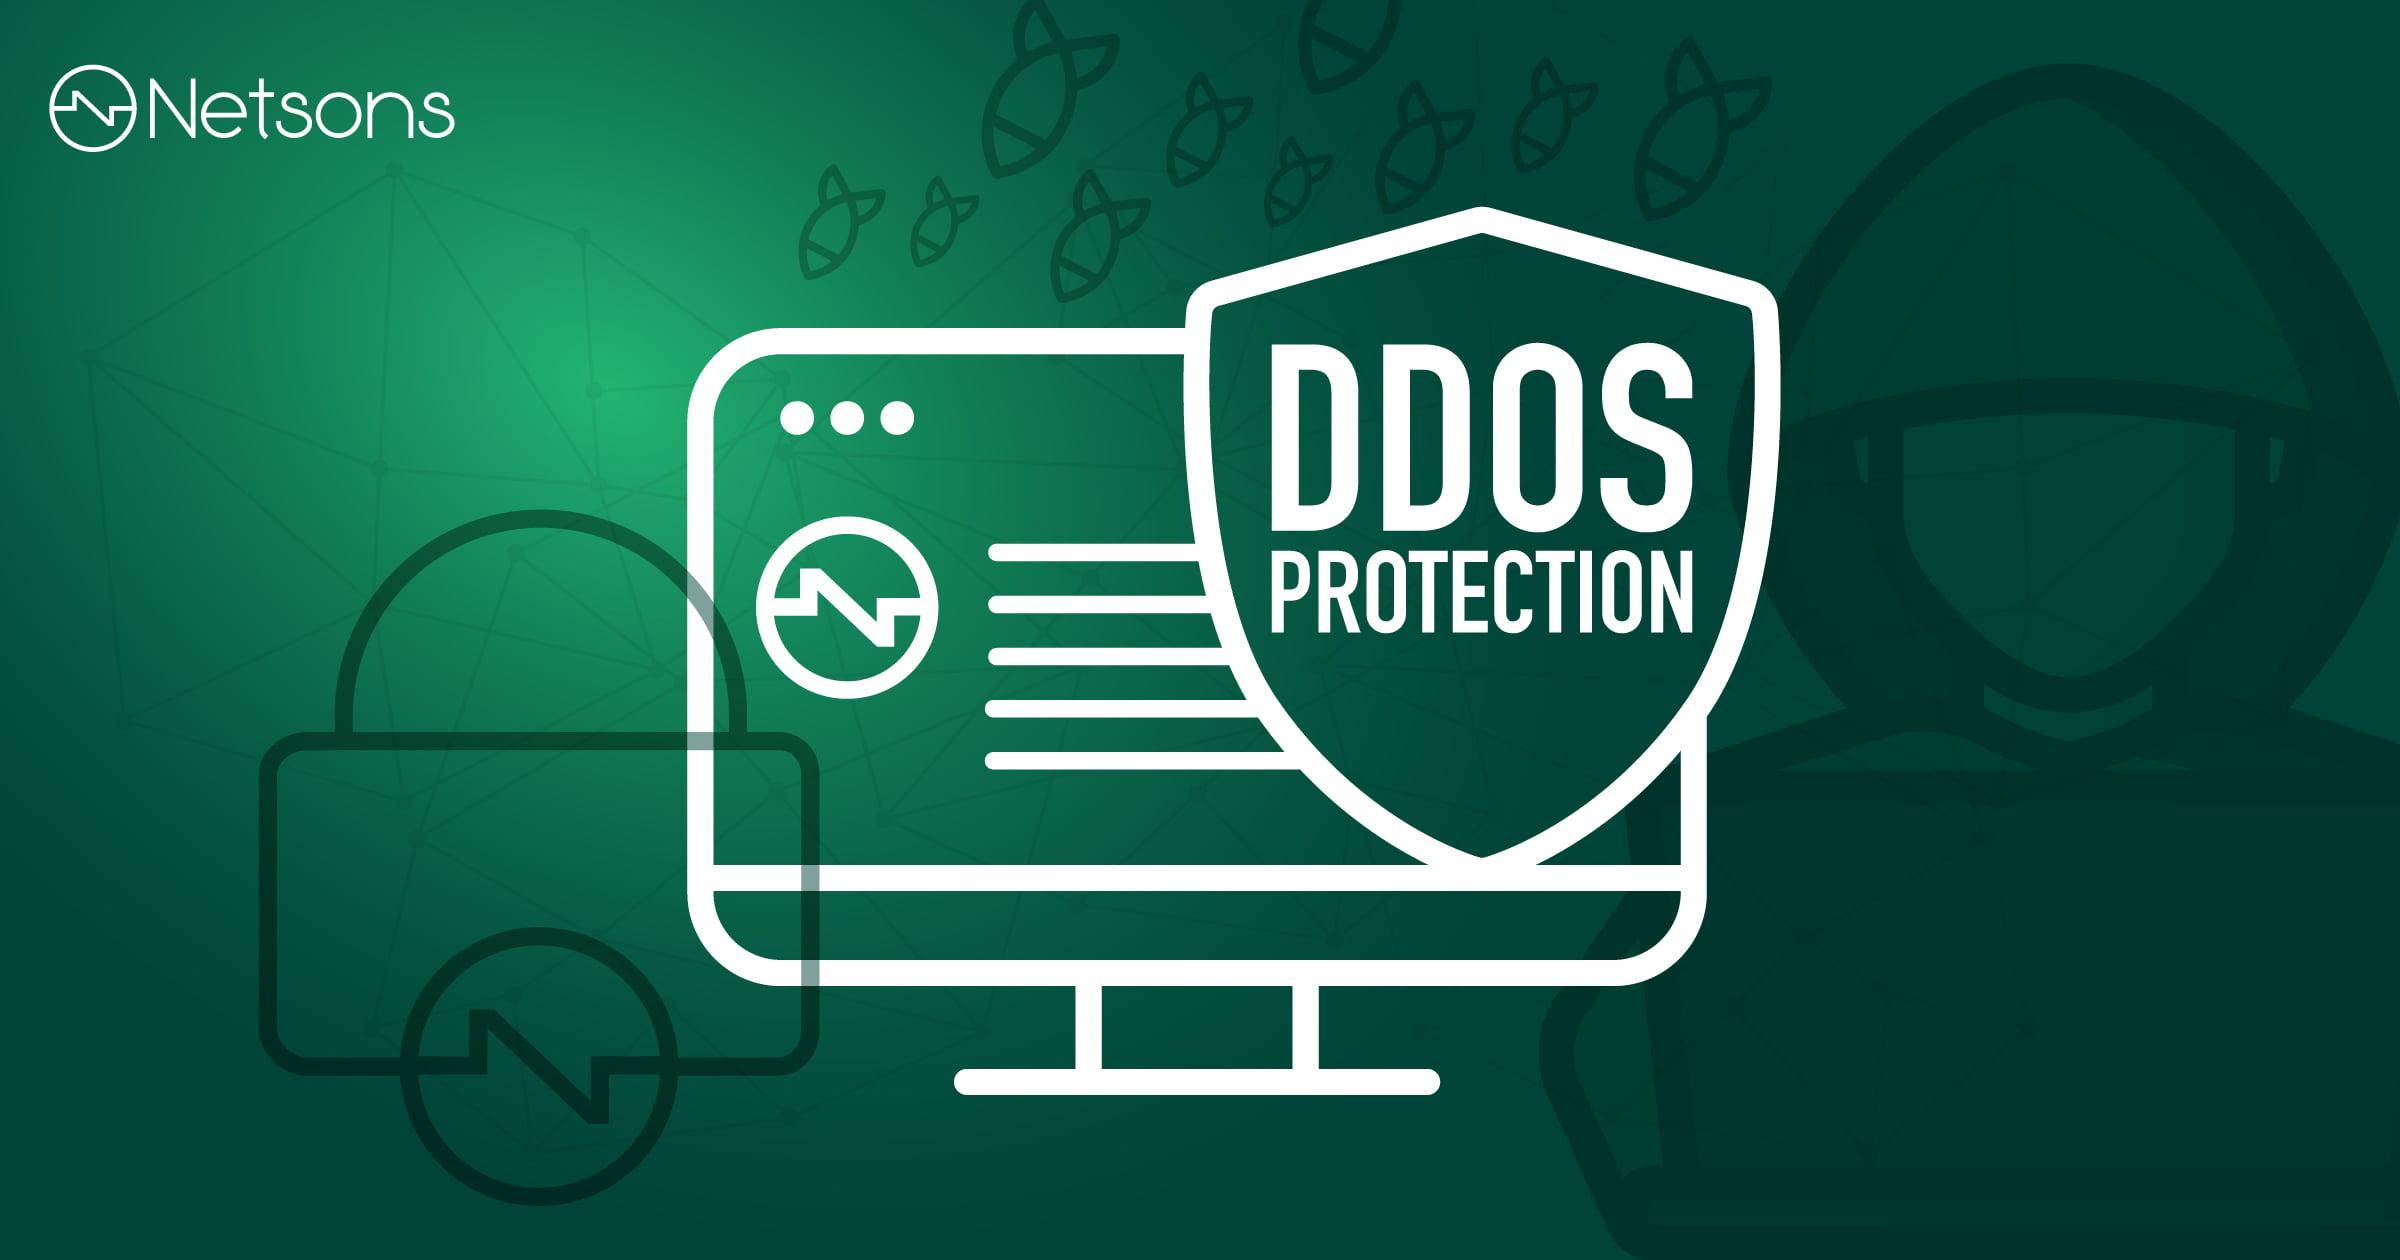 Attacchi DDoS: cosa sono e come difendersi 1